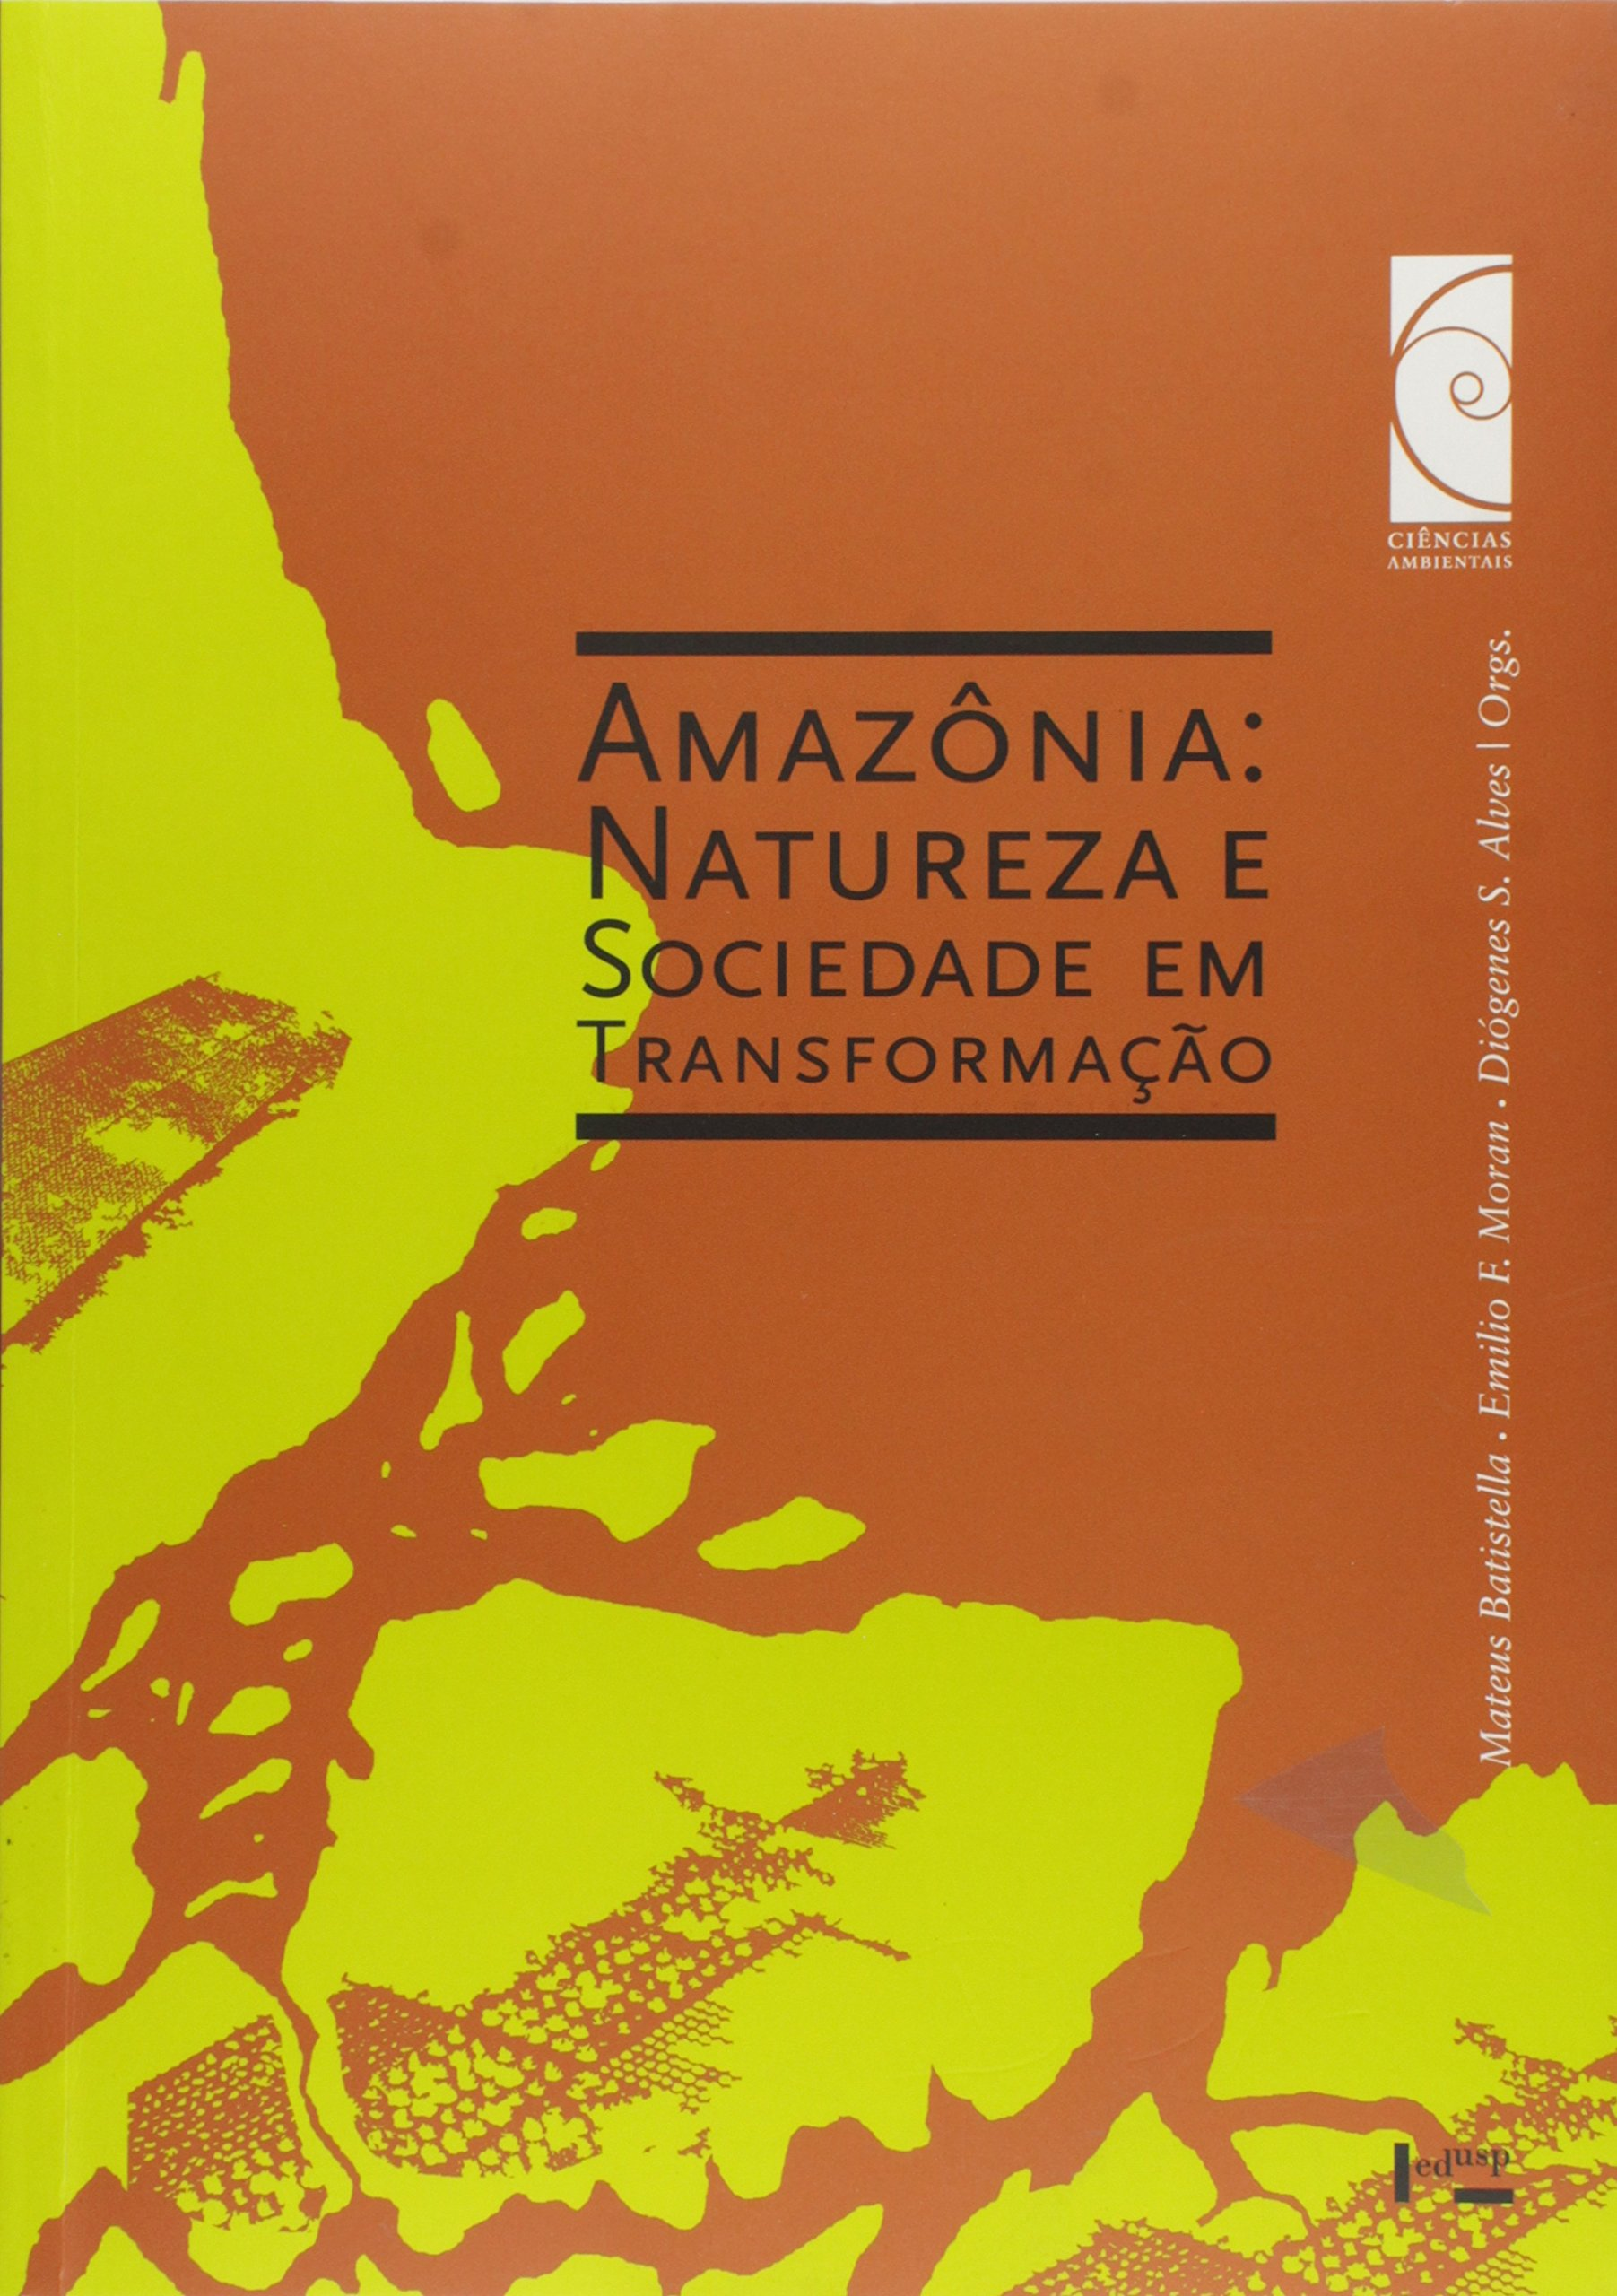 Download Amazonia: Natureza e Sociedade em Transformacao PDF